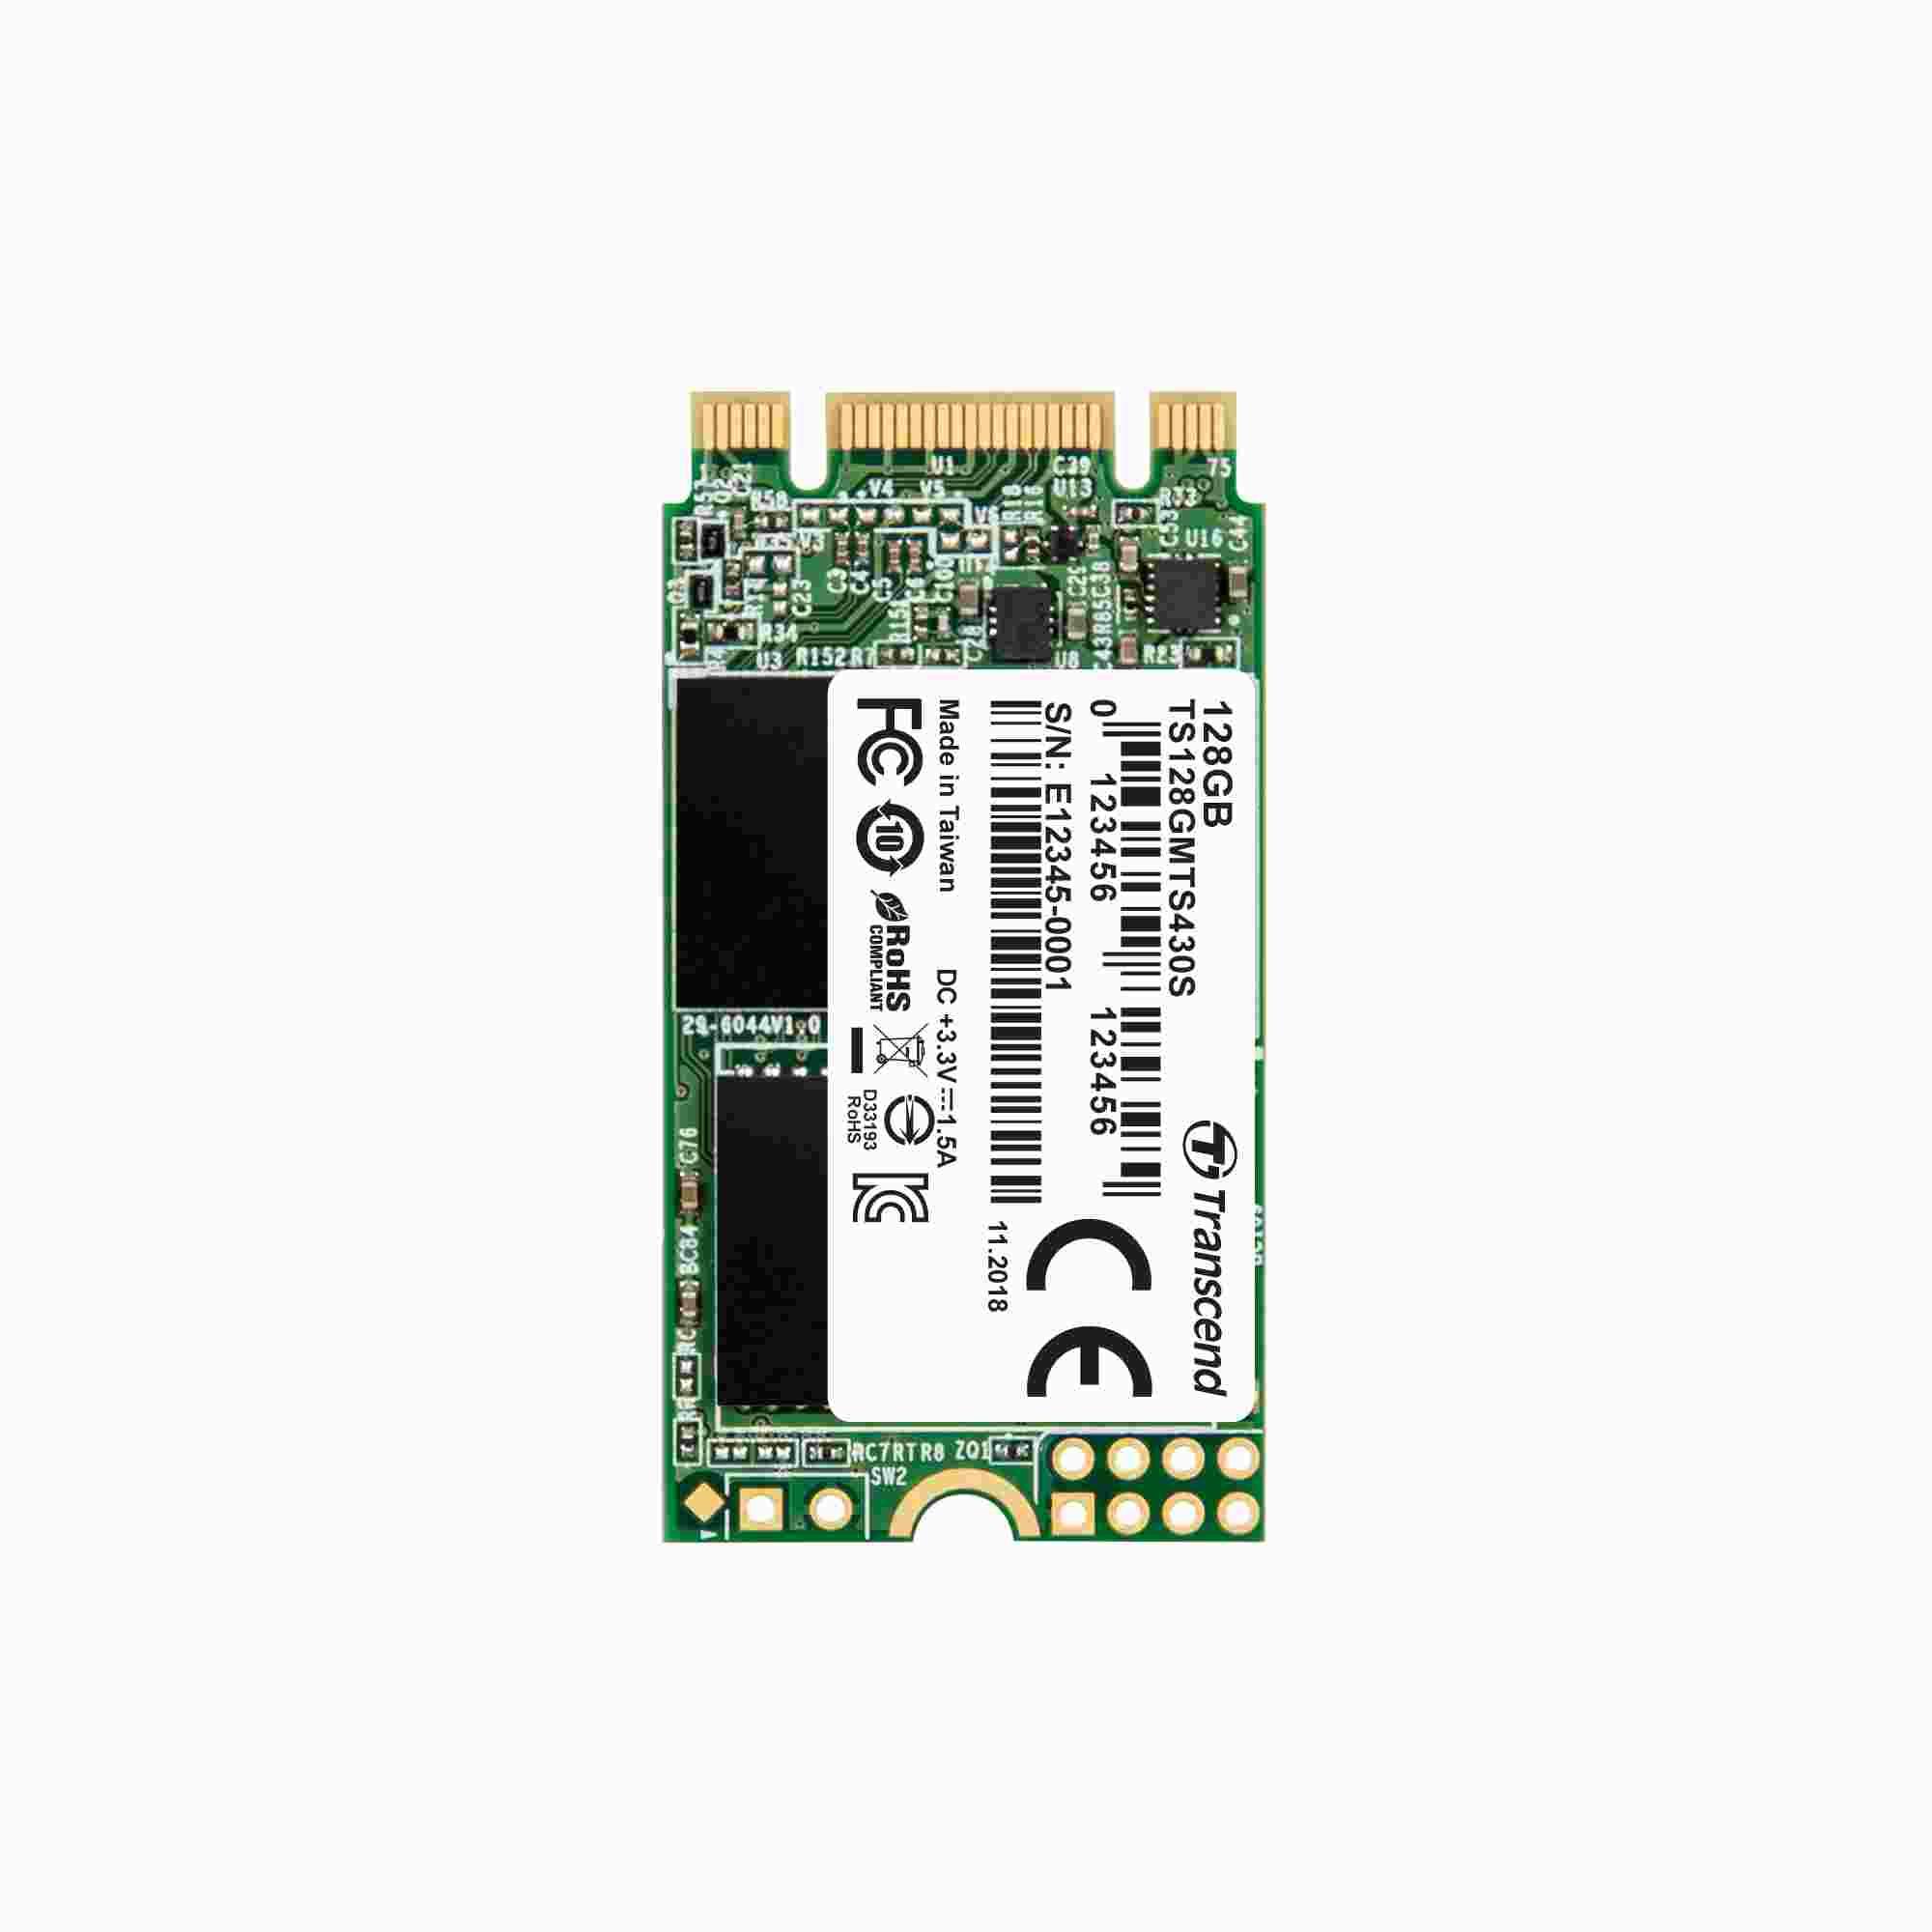 TRANSCEND Industrial SSD MTS430S 128GB, M.2 2242, SATA III 6Gb/s, TLC